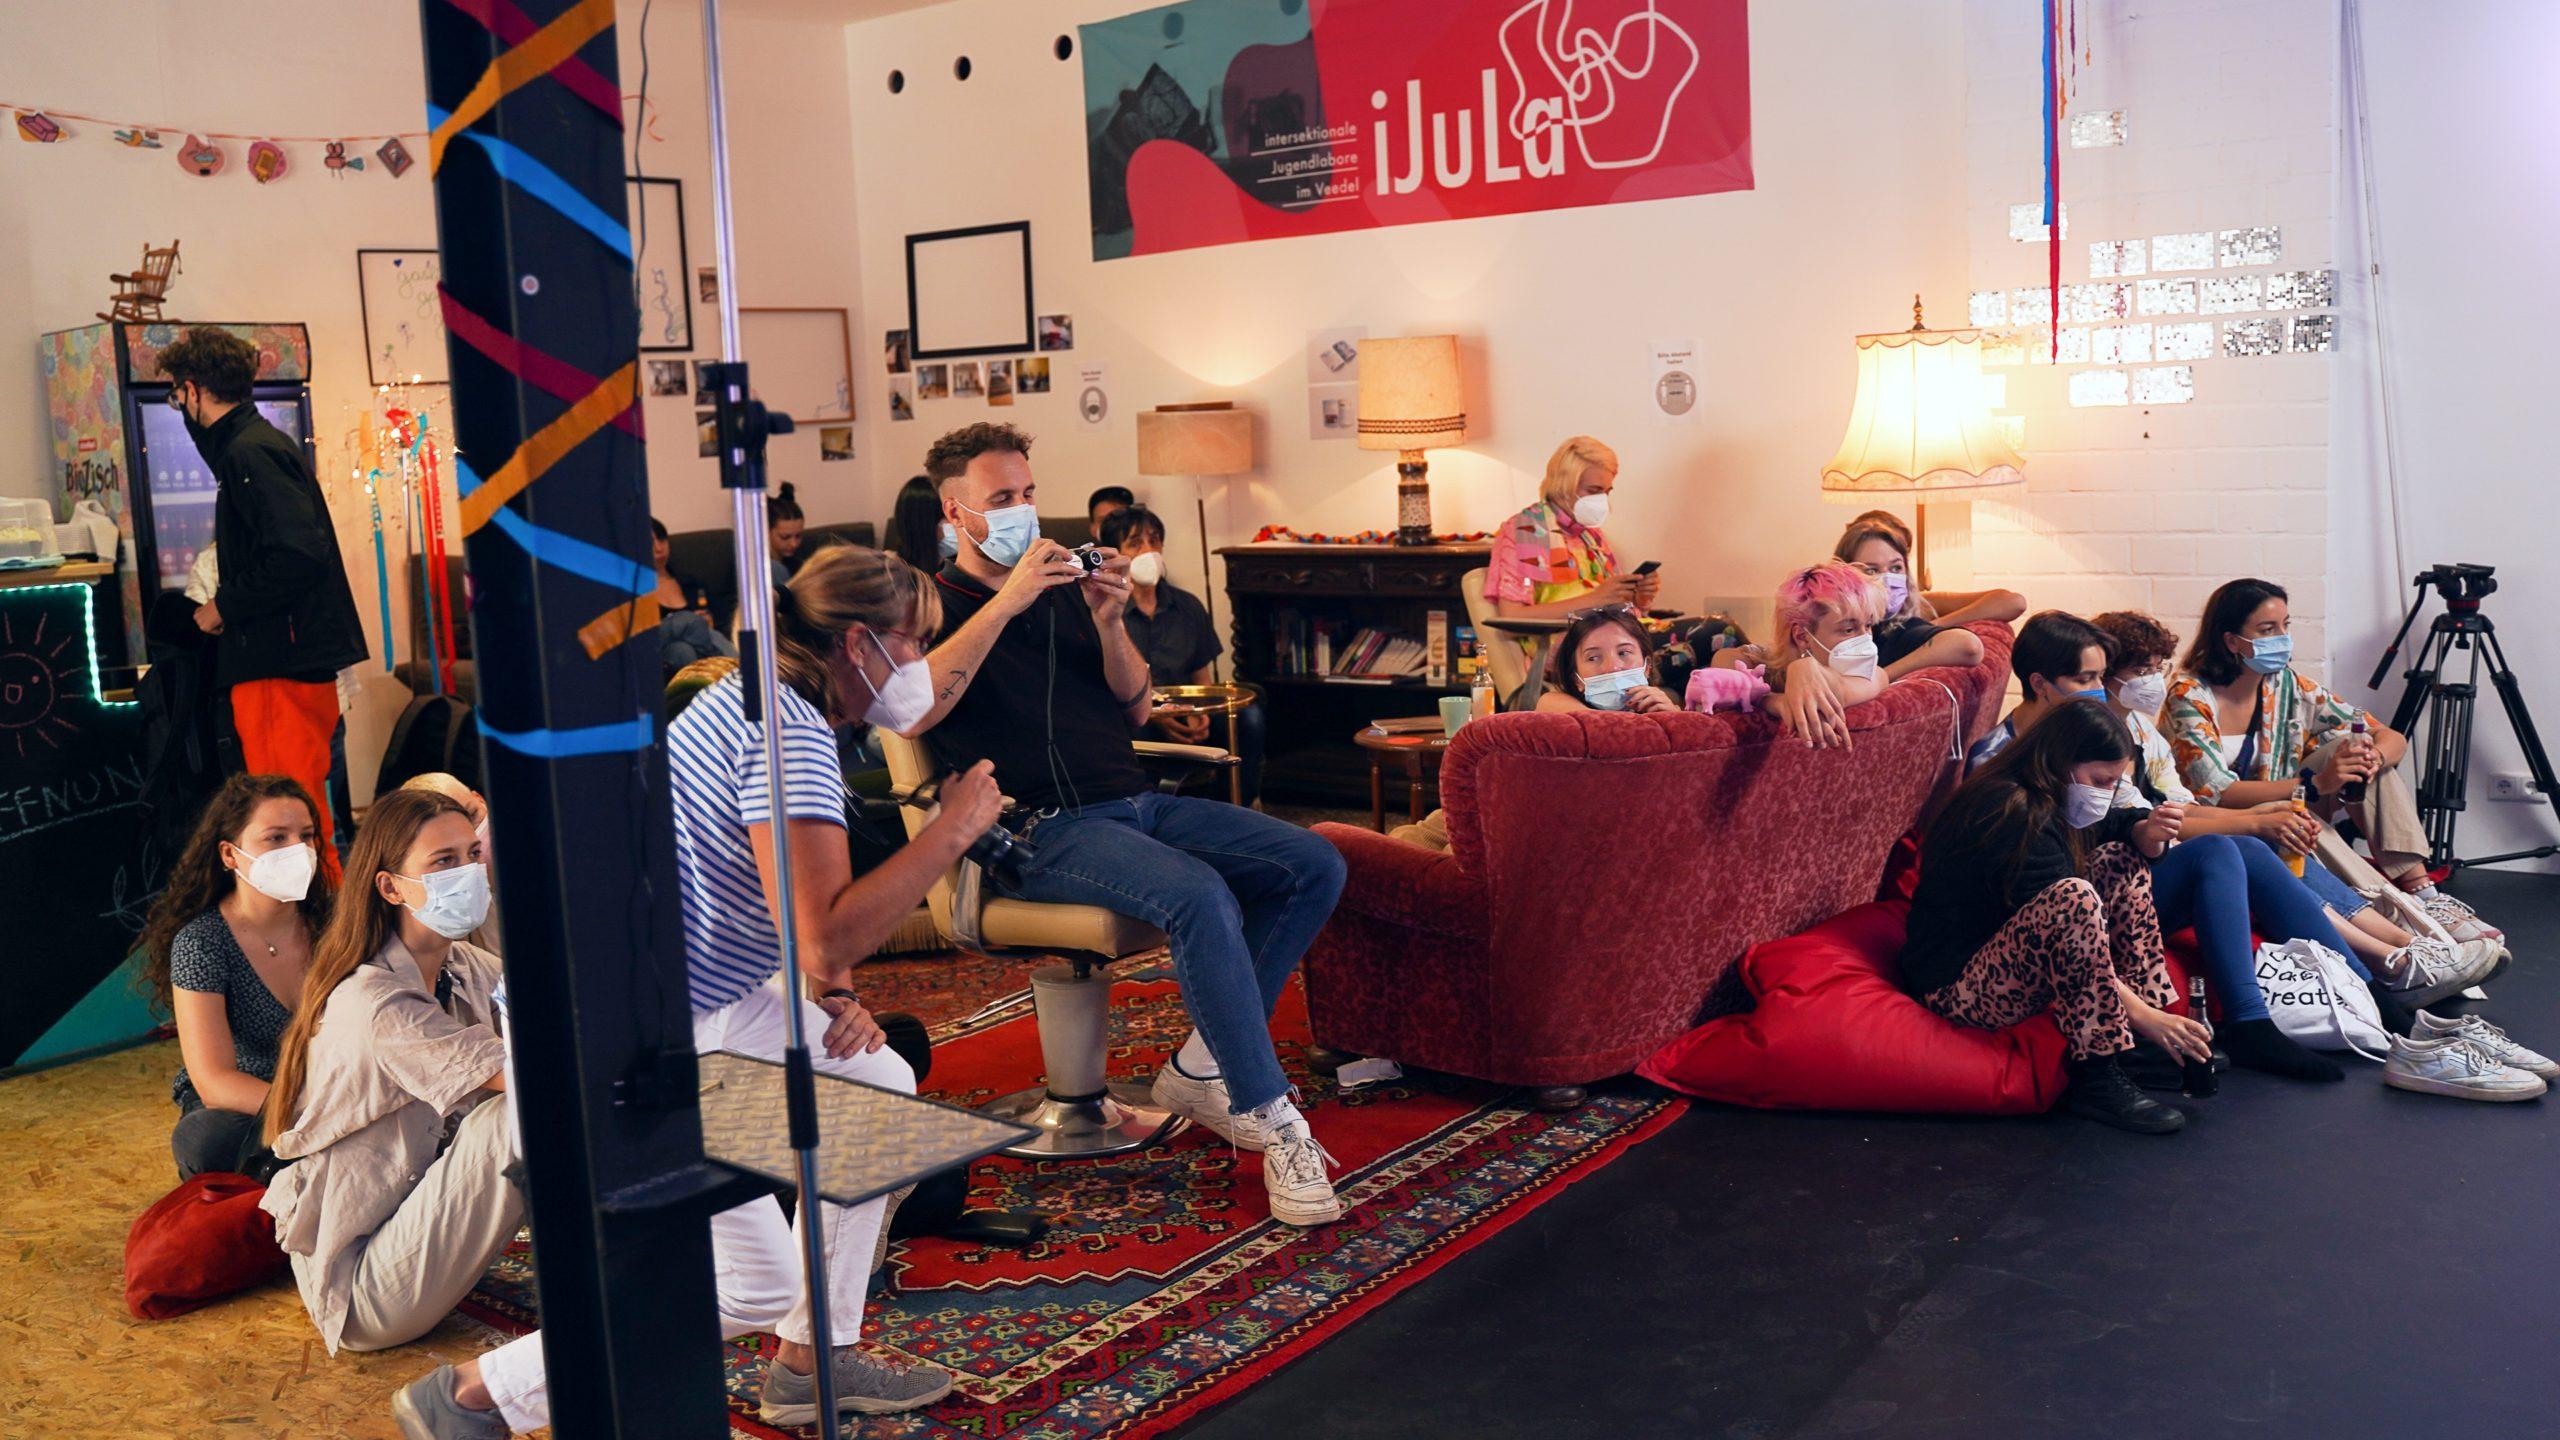 Menschen mit Mund-Nasenschützen sitzen in einem bequemen Raum mit Sofas